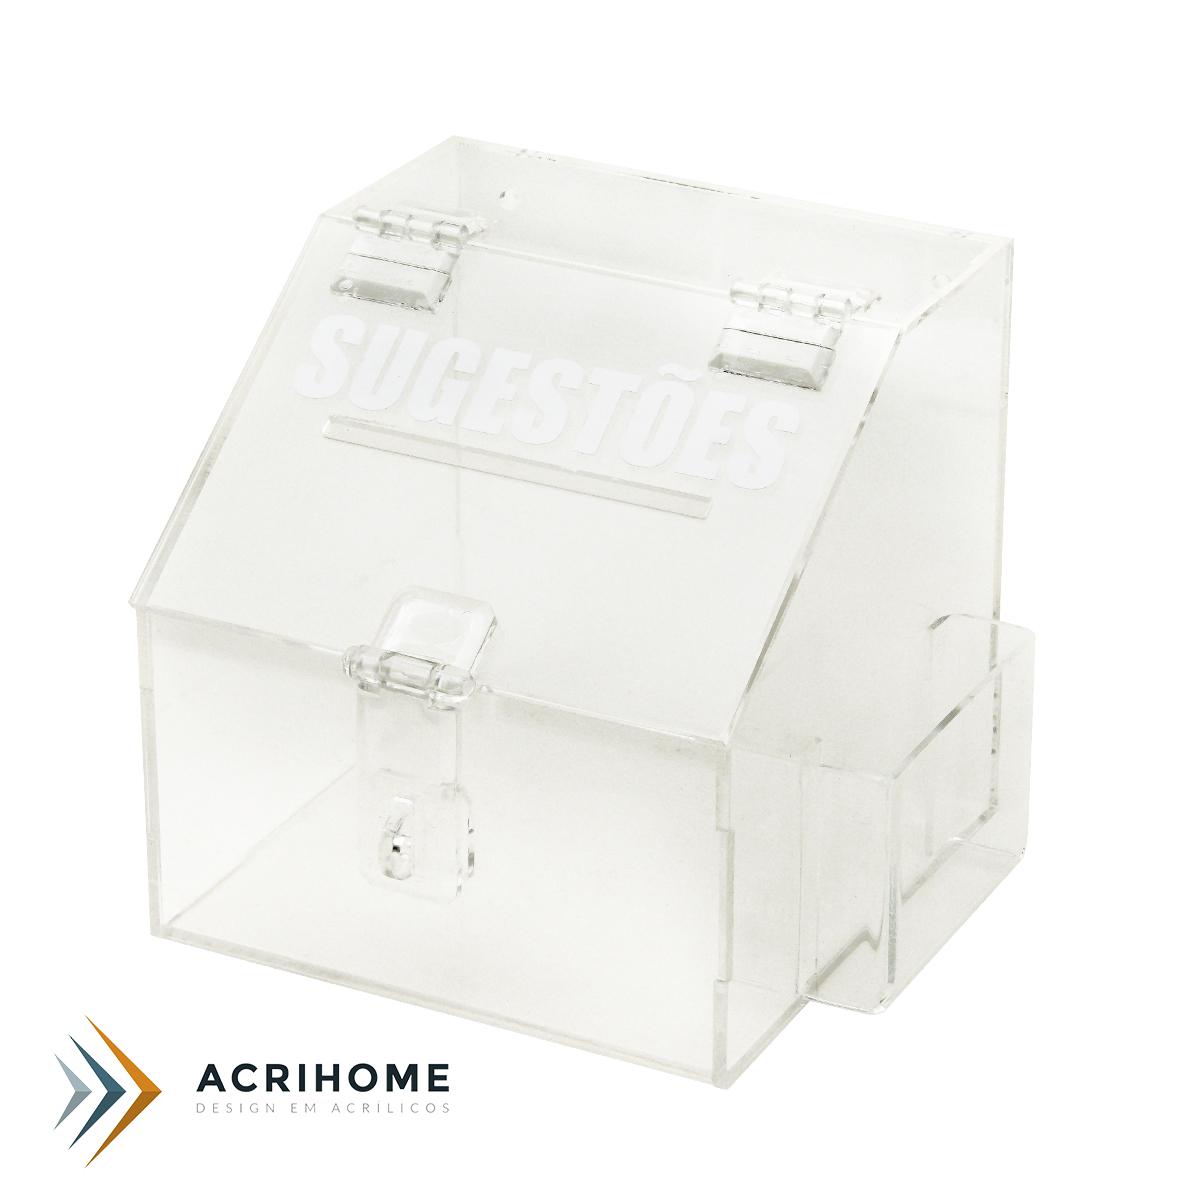 Mini caixa de sugestões de acrílico transparente